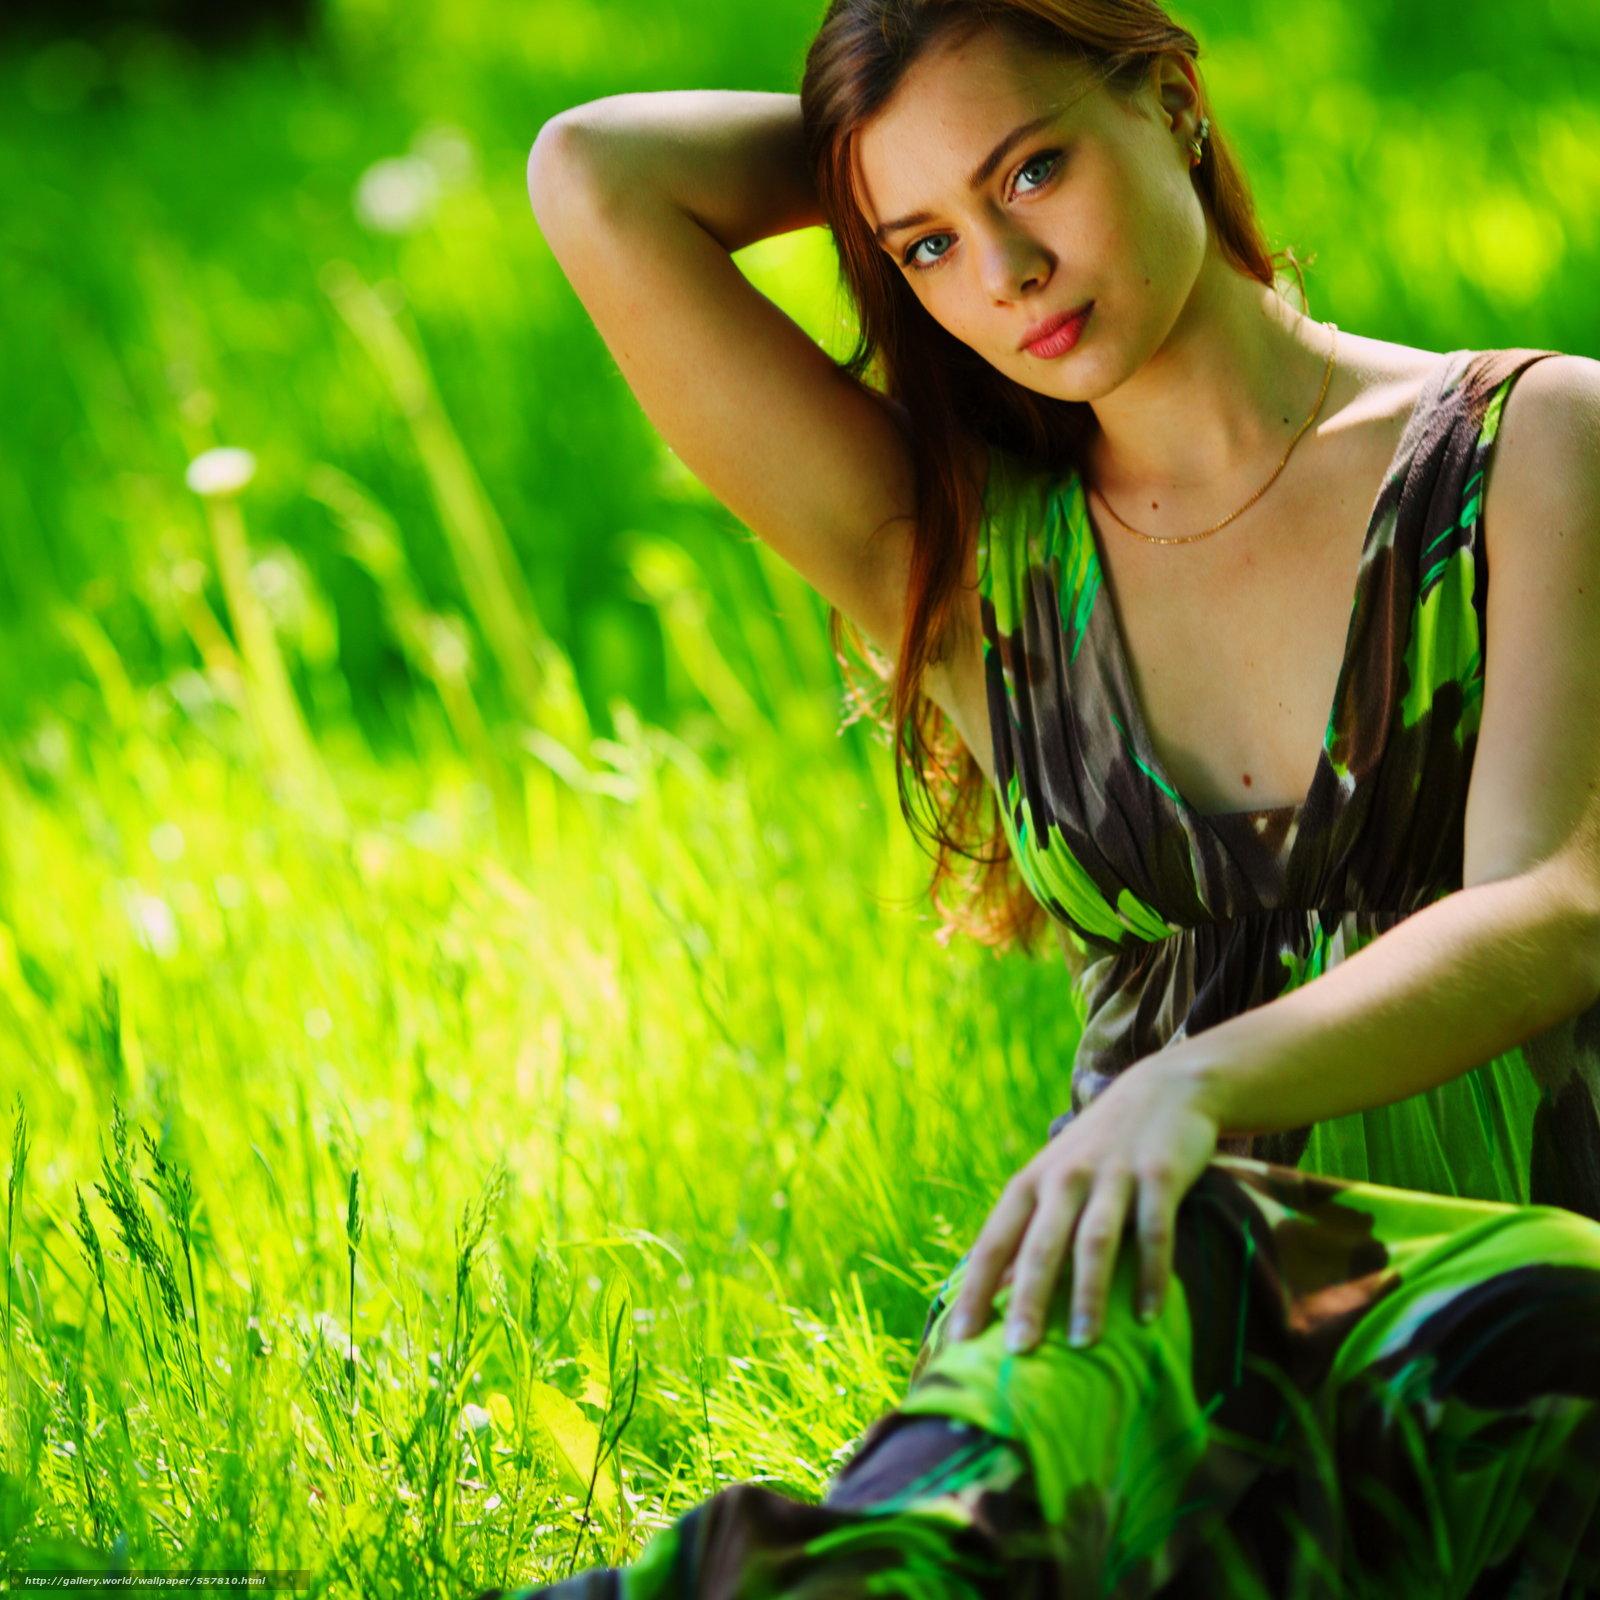 Скачать обои лето,  шатенка,  девушка,  зелень бесплатно для рабочего стола в разрешении 3639x3639 — картинка №557810